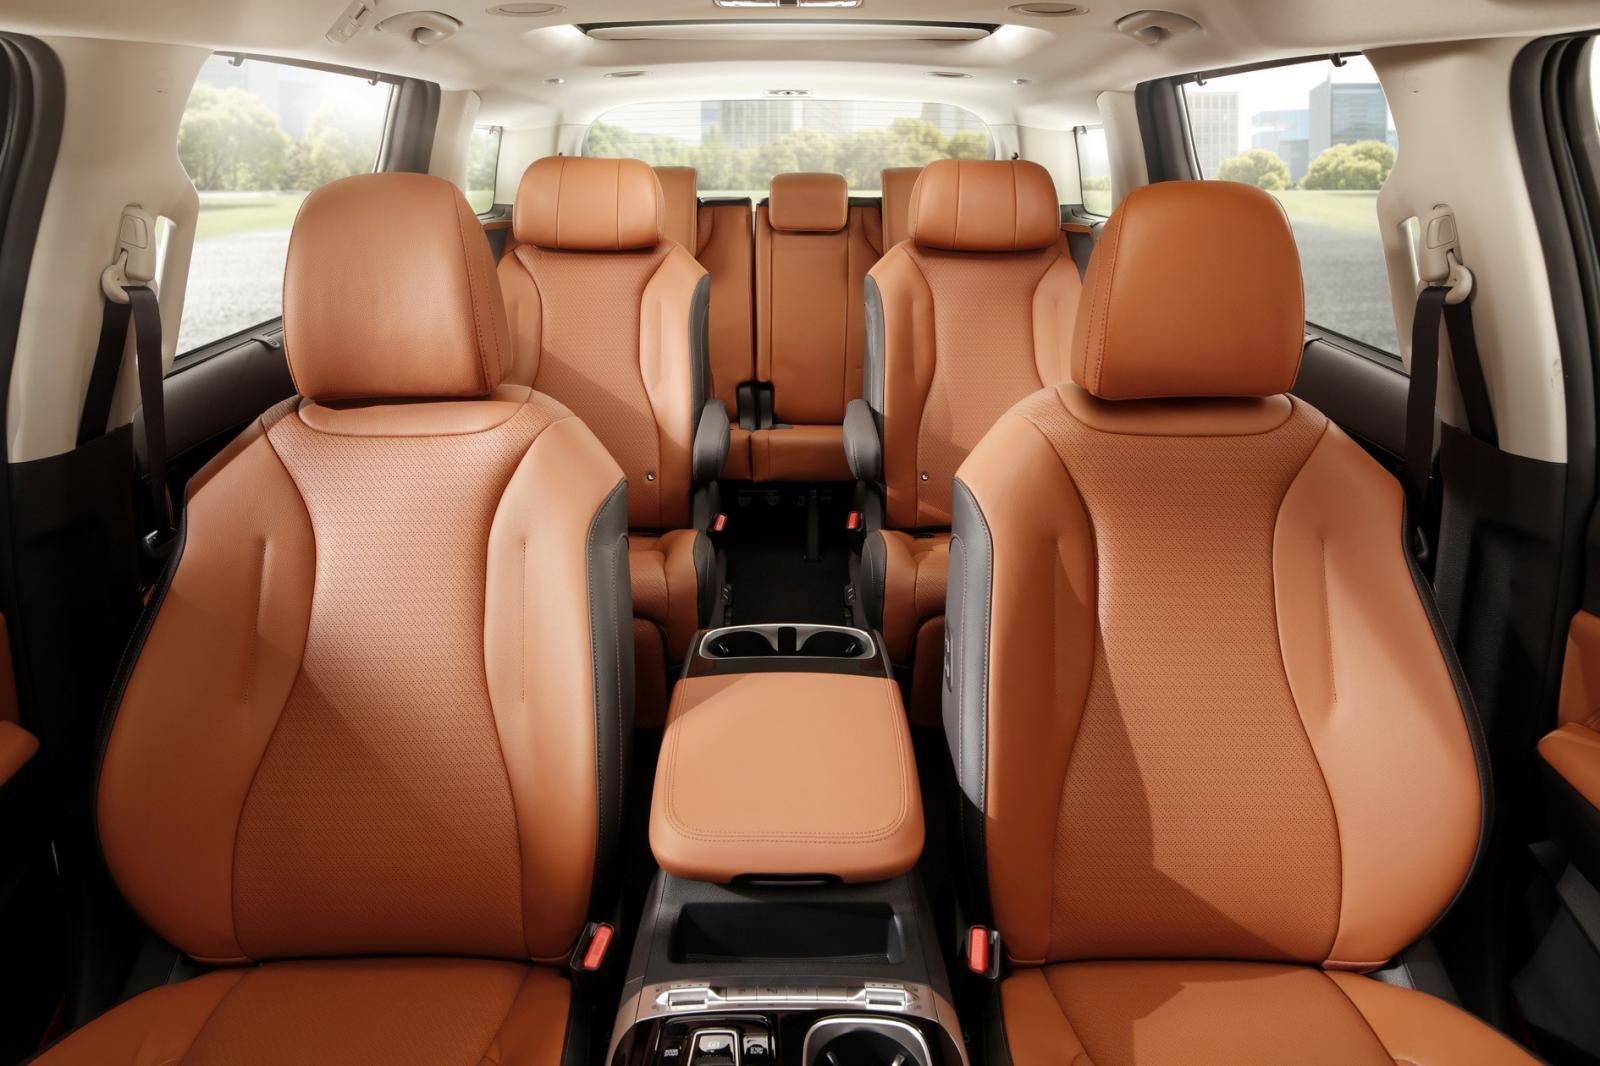 Đánh giá xe Kia Sedona 2021 về không gian ghế ngồi.